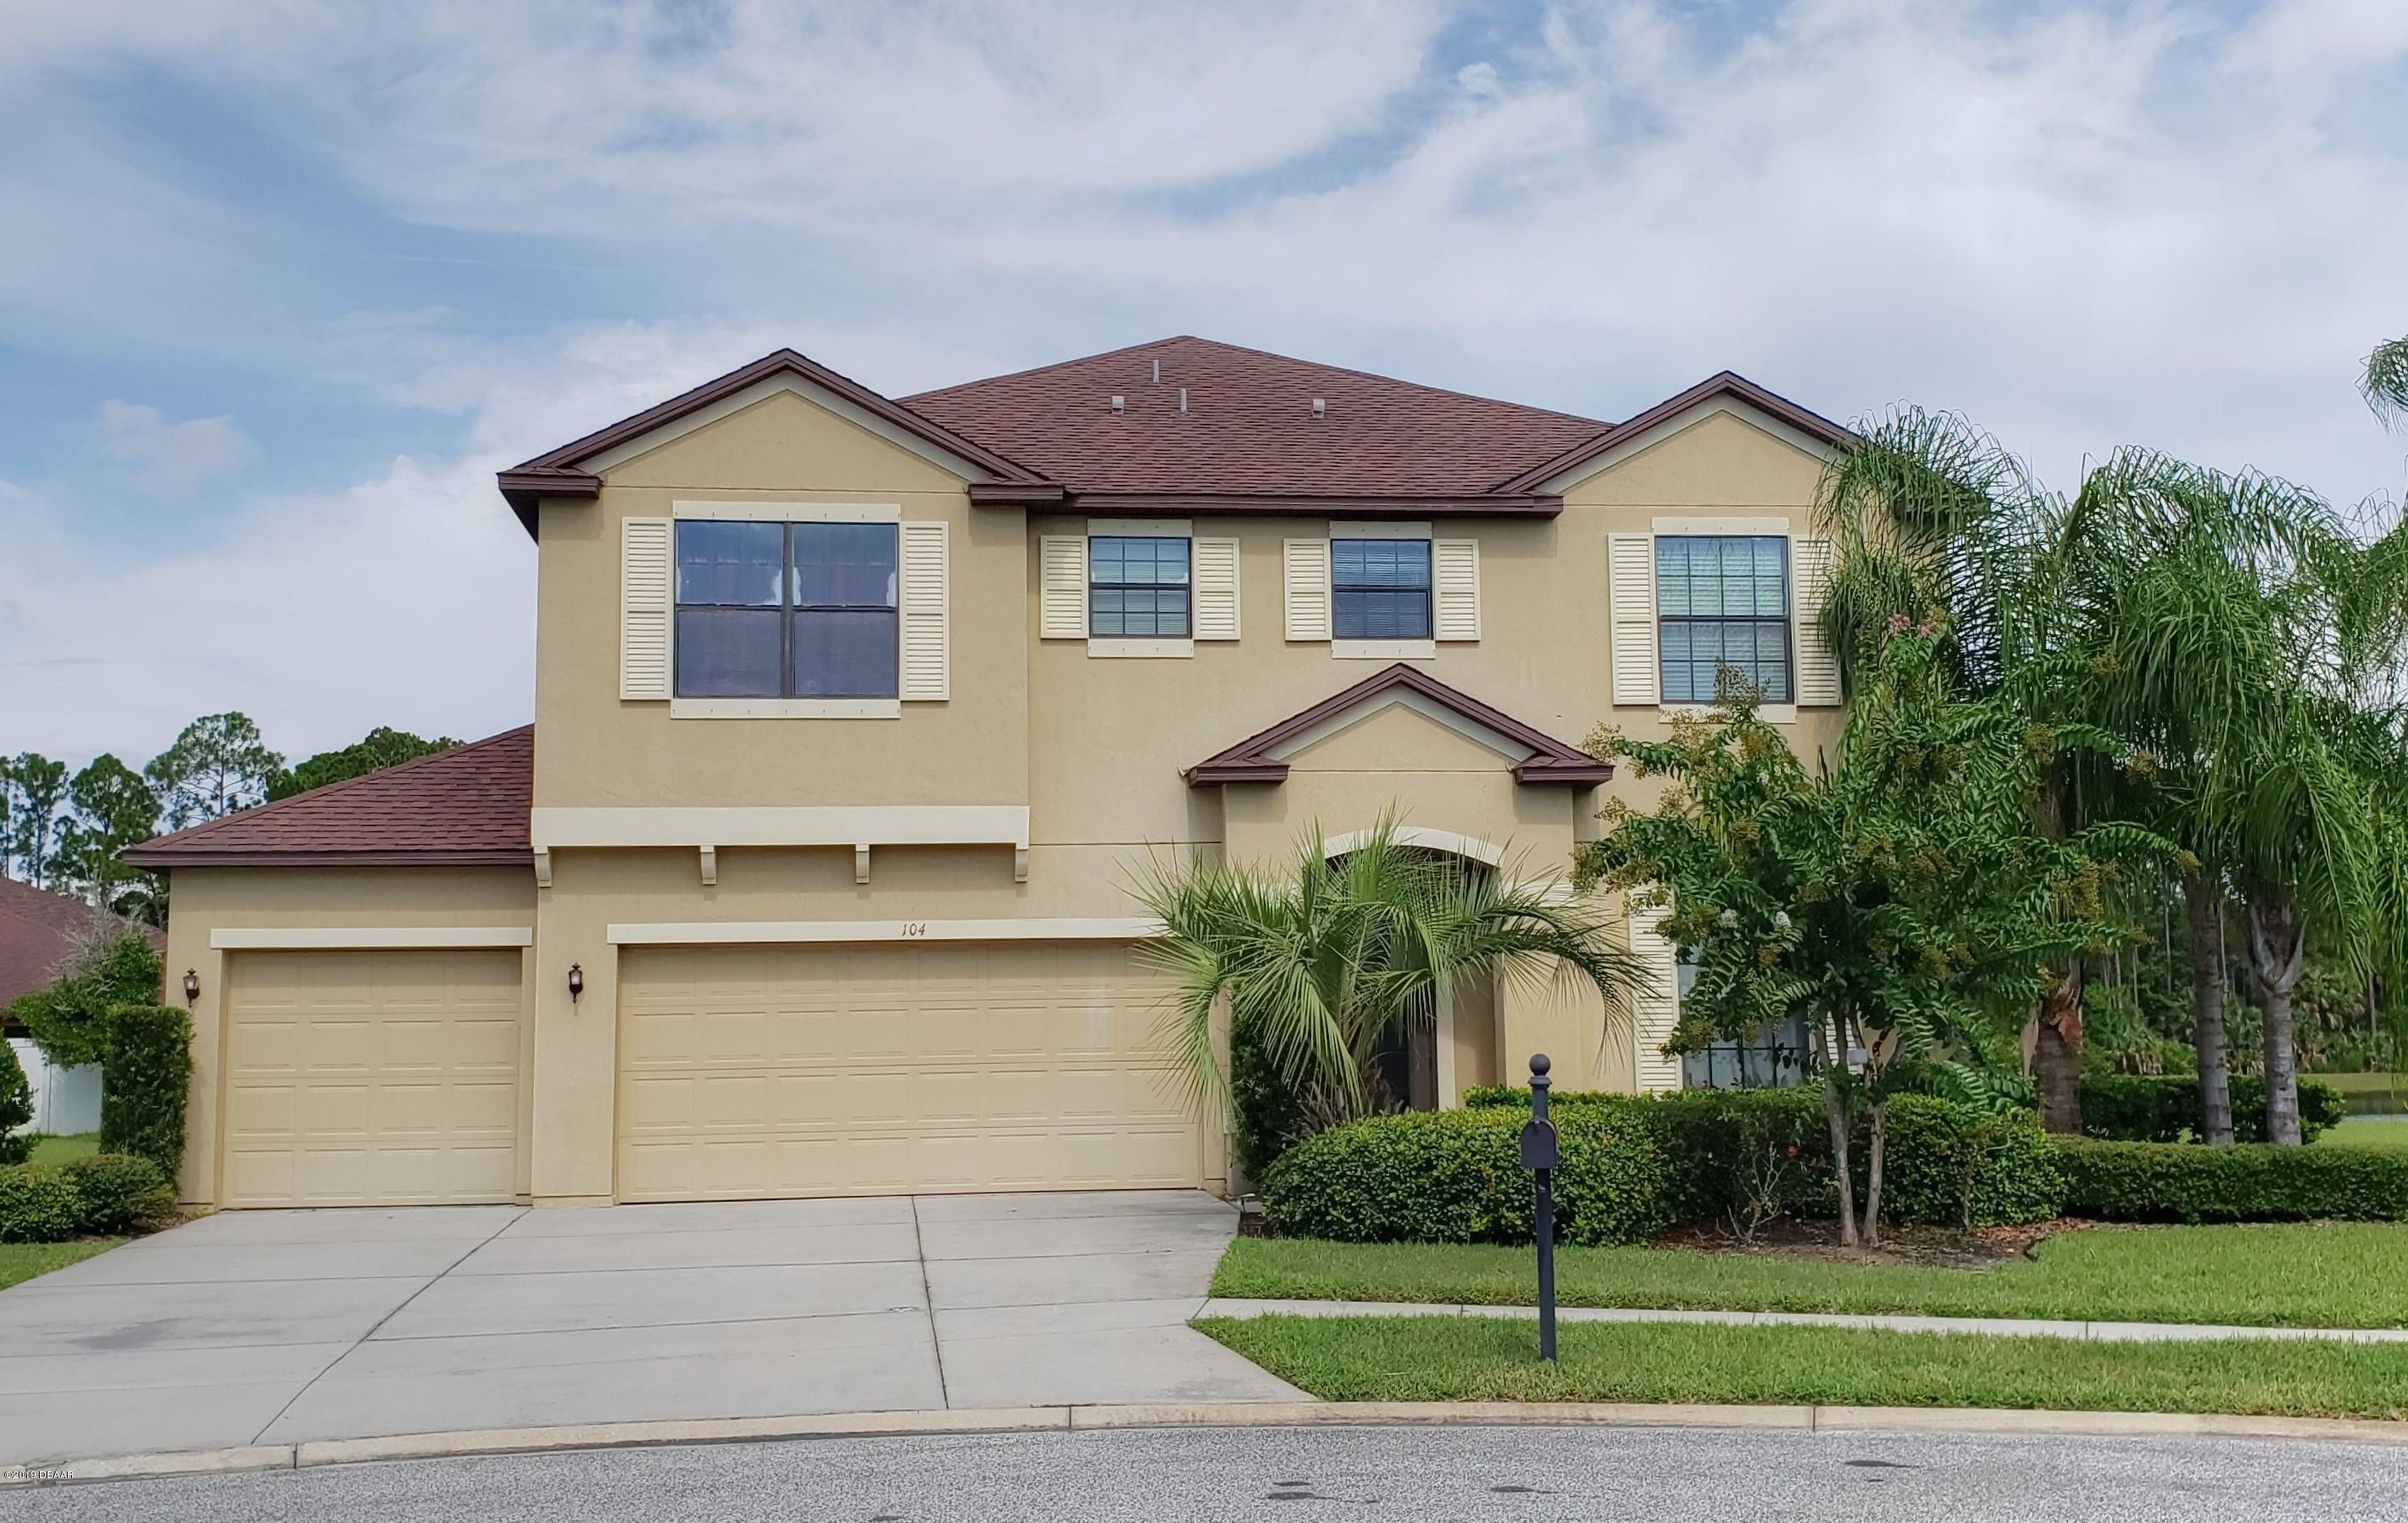 104 Cario Court, Holly Hill, Florida